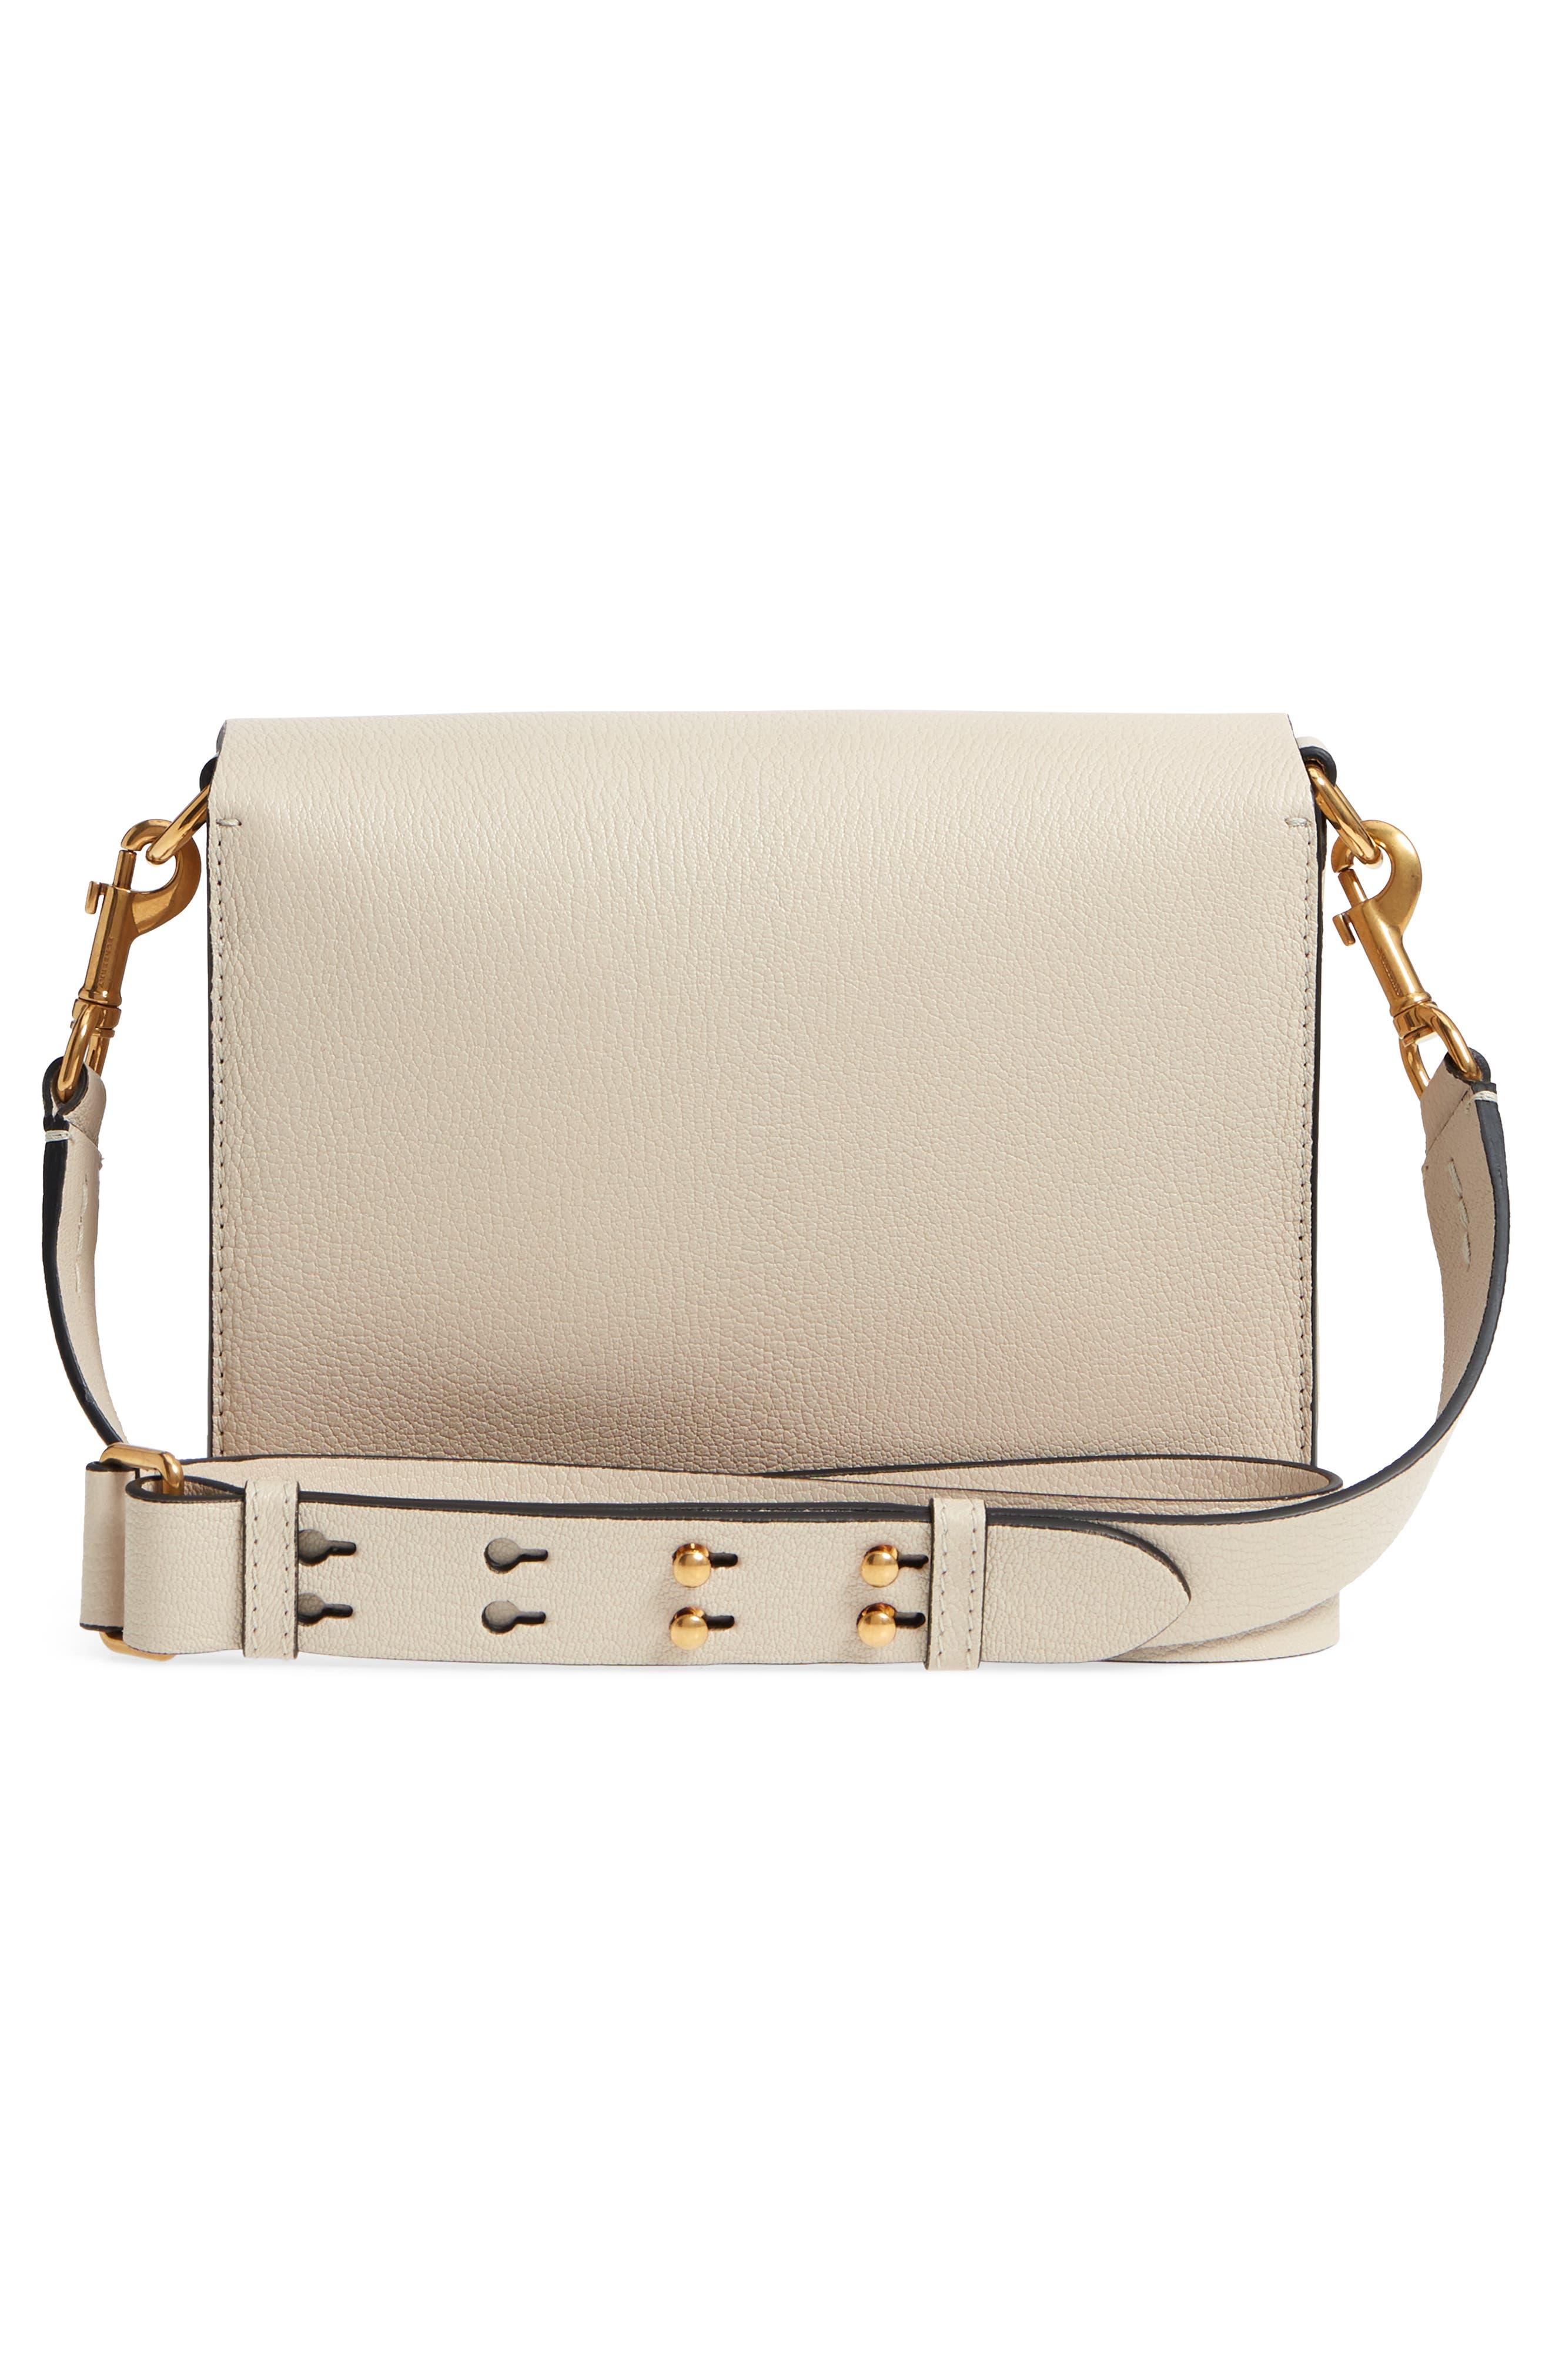 Square Leather Shoulder Bag,                             Alternate thumbnail 3, color,                             250